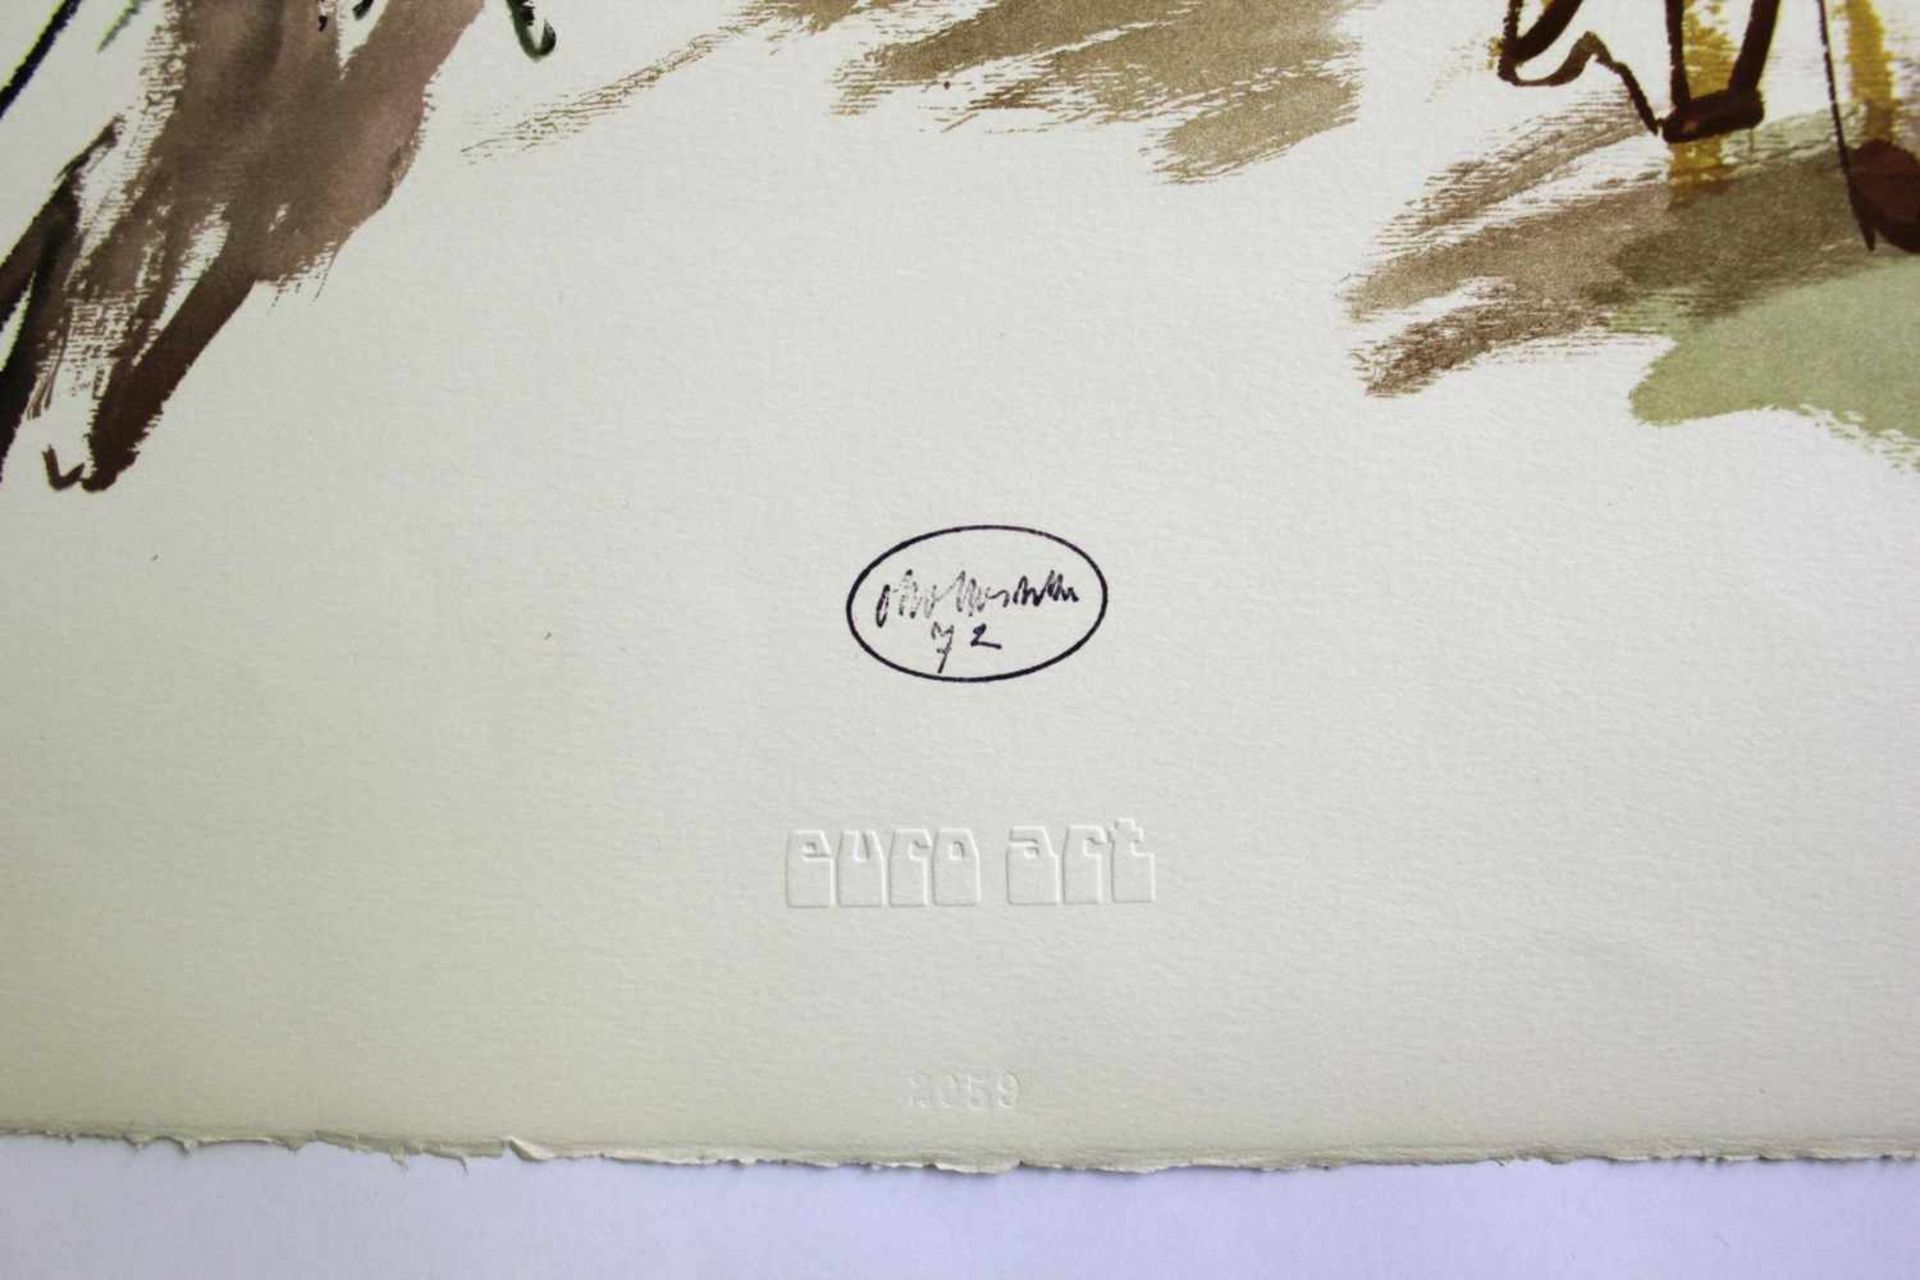 Oskar Kokoschka 1886 - 1980 Der Specht 1972 Lithographie stempelsigniert 66 x 47,5 cm - Bild 2 aus 2